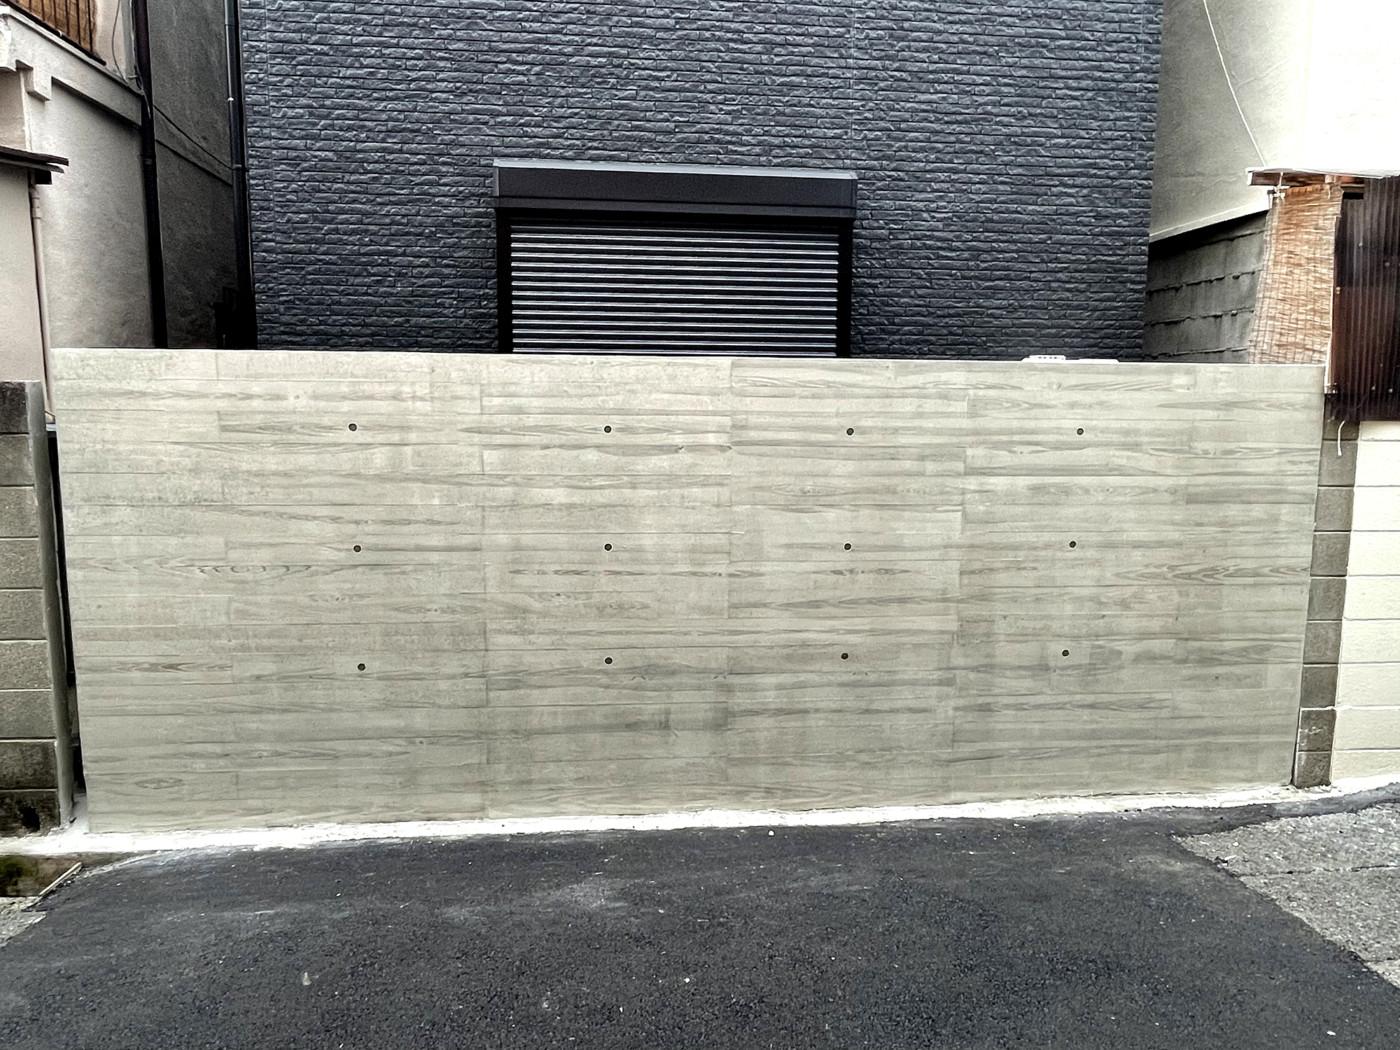 大阪府 有限会社 内田建設 グランドアートウォール施工イメージ2336_01